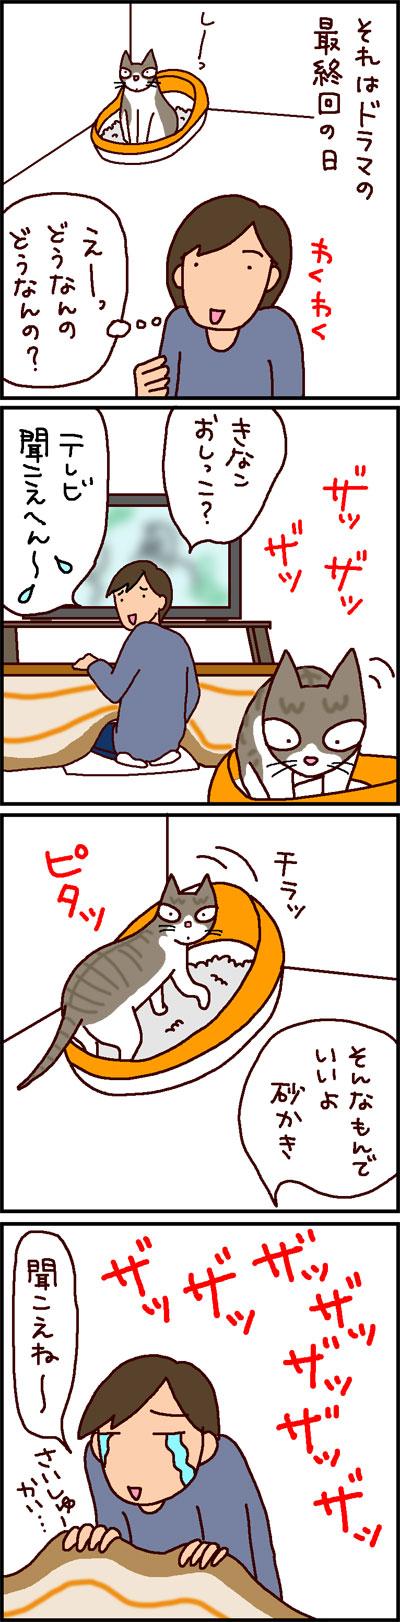 砂かくネコの4コマ猫漫画